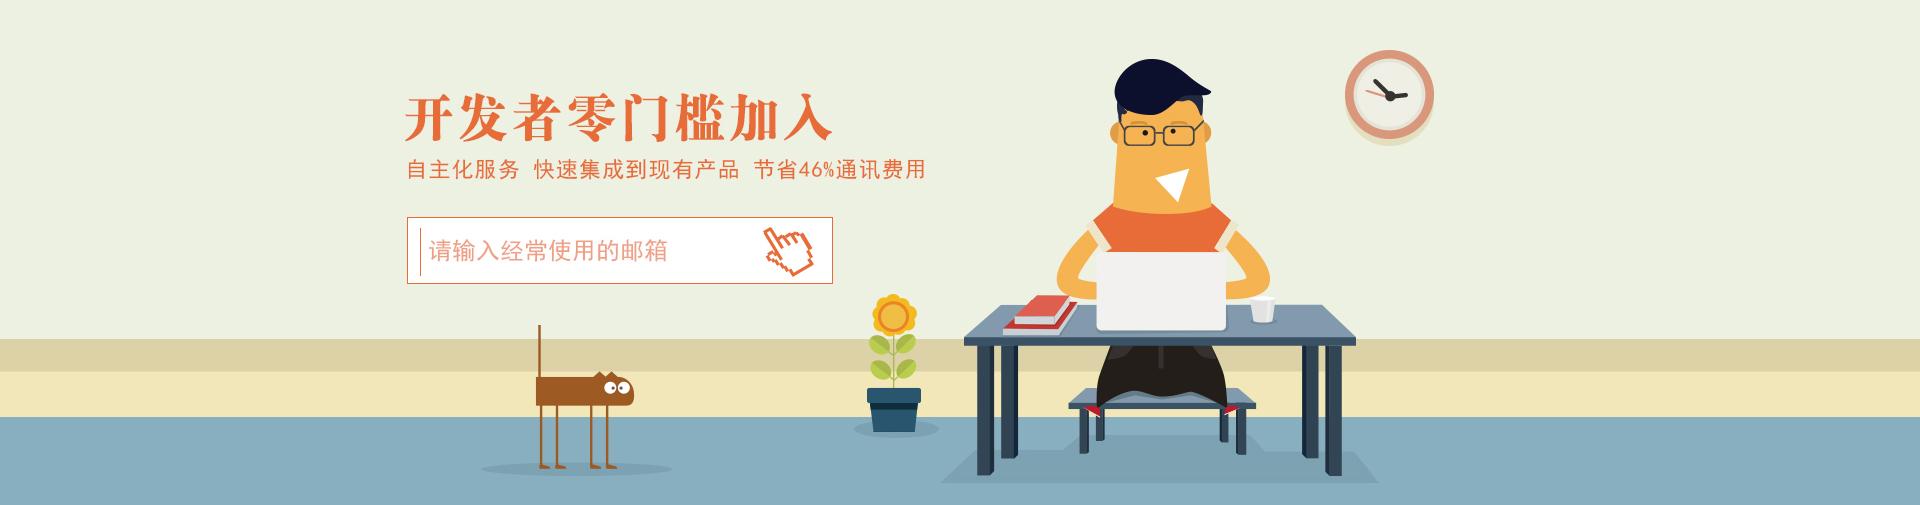 飞机 生活化 卡通 banner 某通讯平台